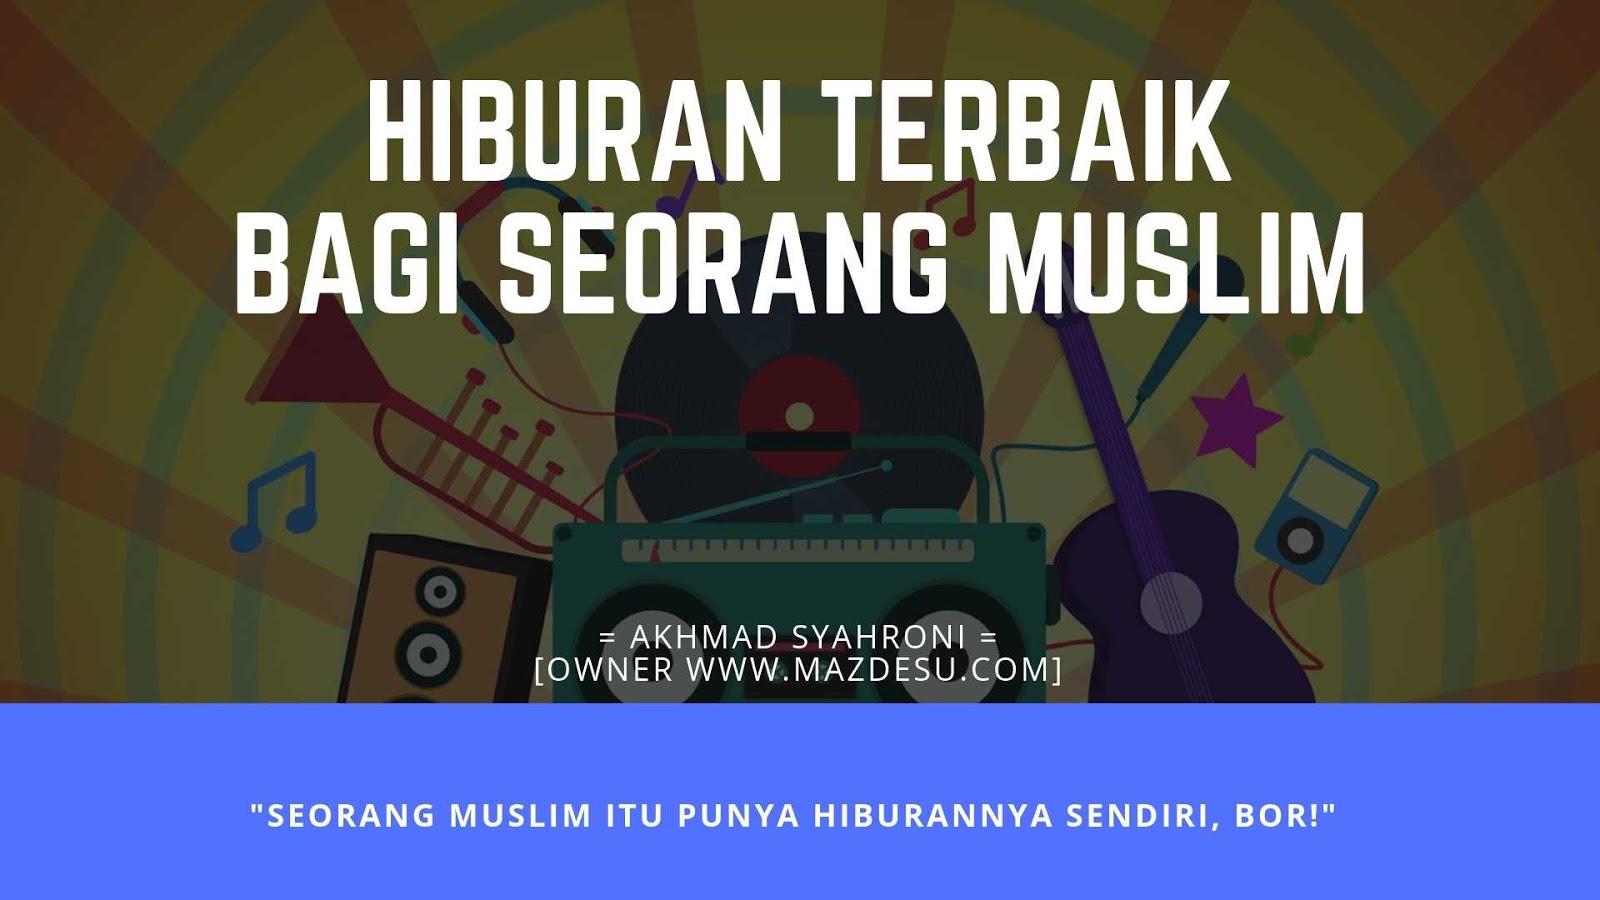 Hiburan Terbaik Bagi Seorang Muslim